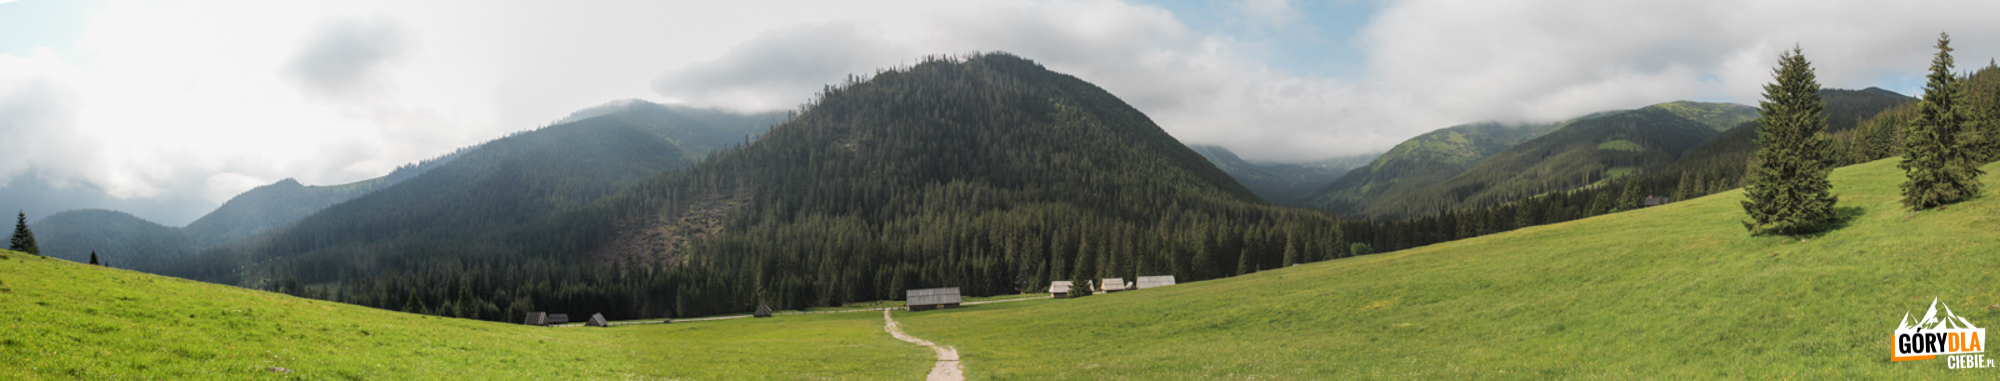 Panorama Polany Chochołowskiej zprzed Kaplicy Jana Chrzciciela